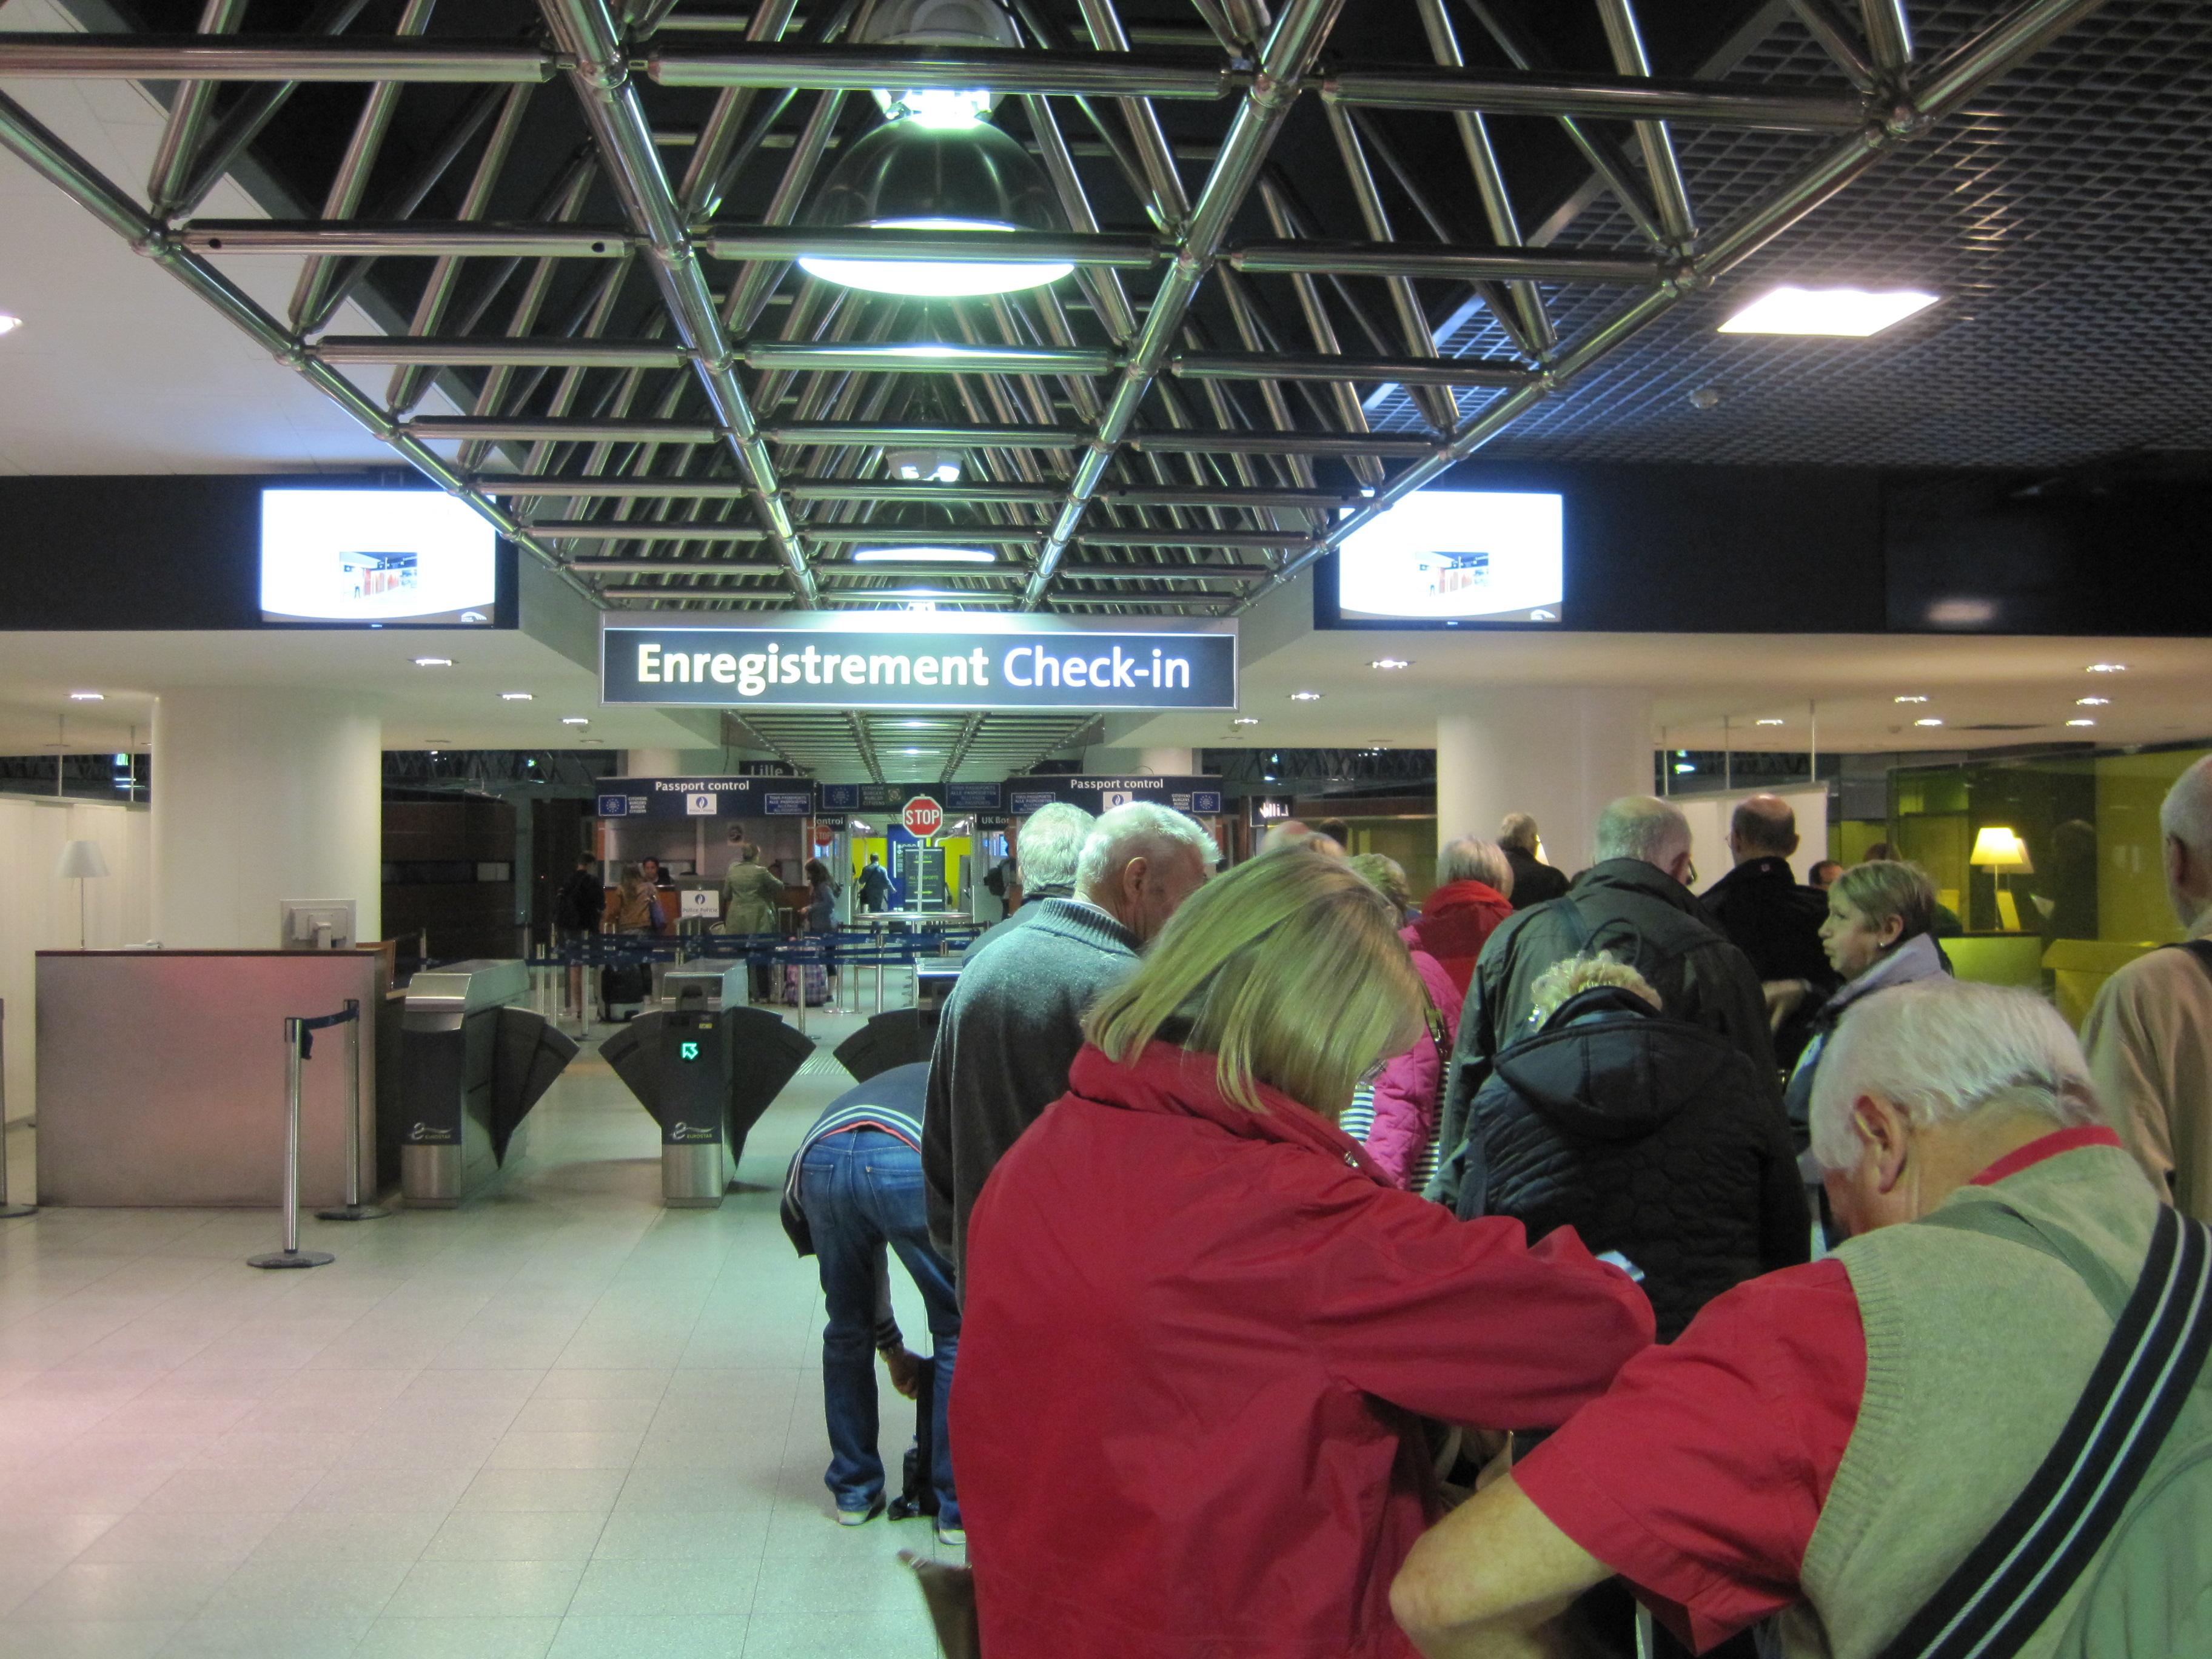 File:Bruxelles-Midi-Eurostar-Check-in-and-Passport-Control01